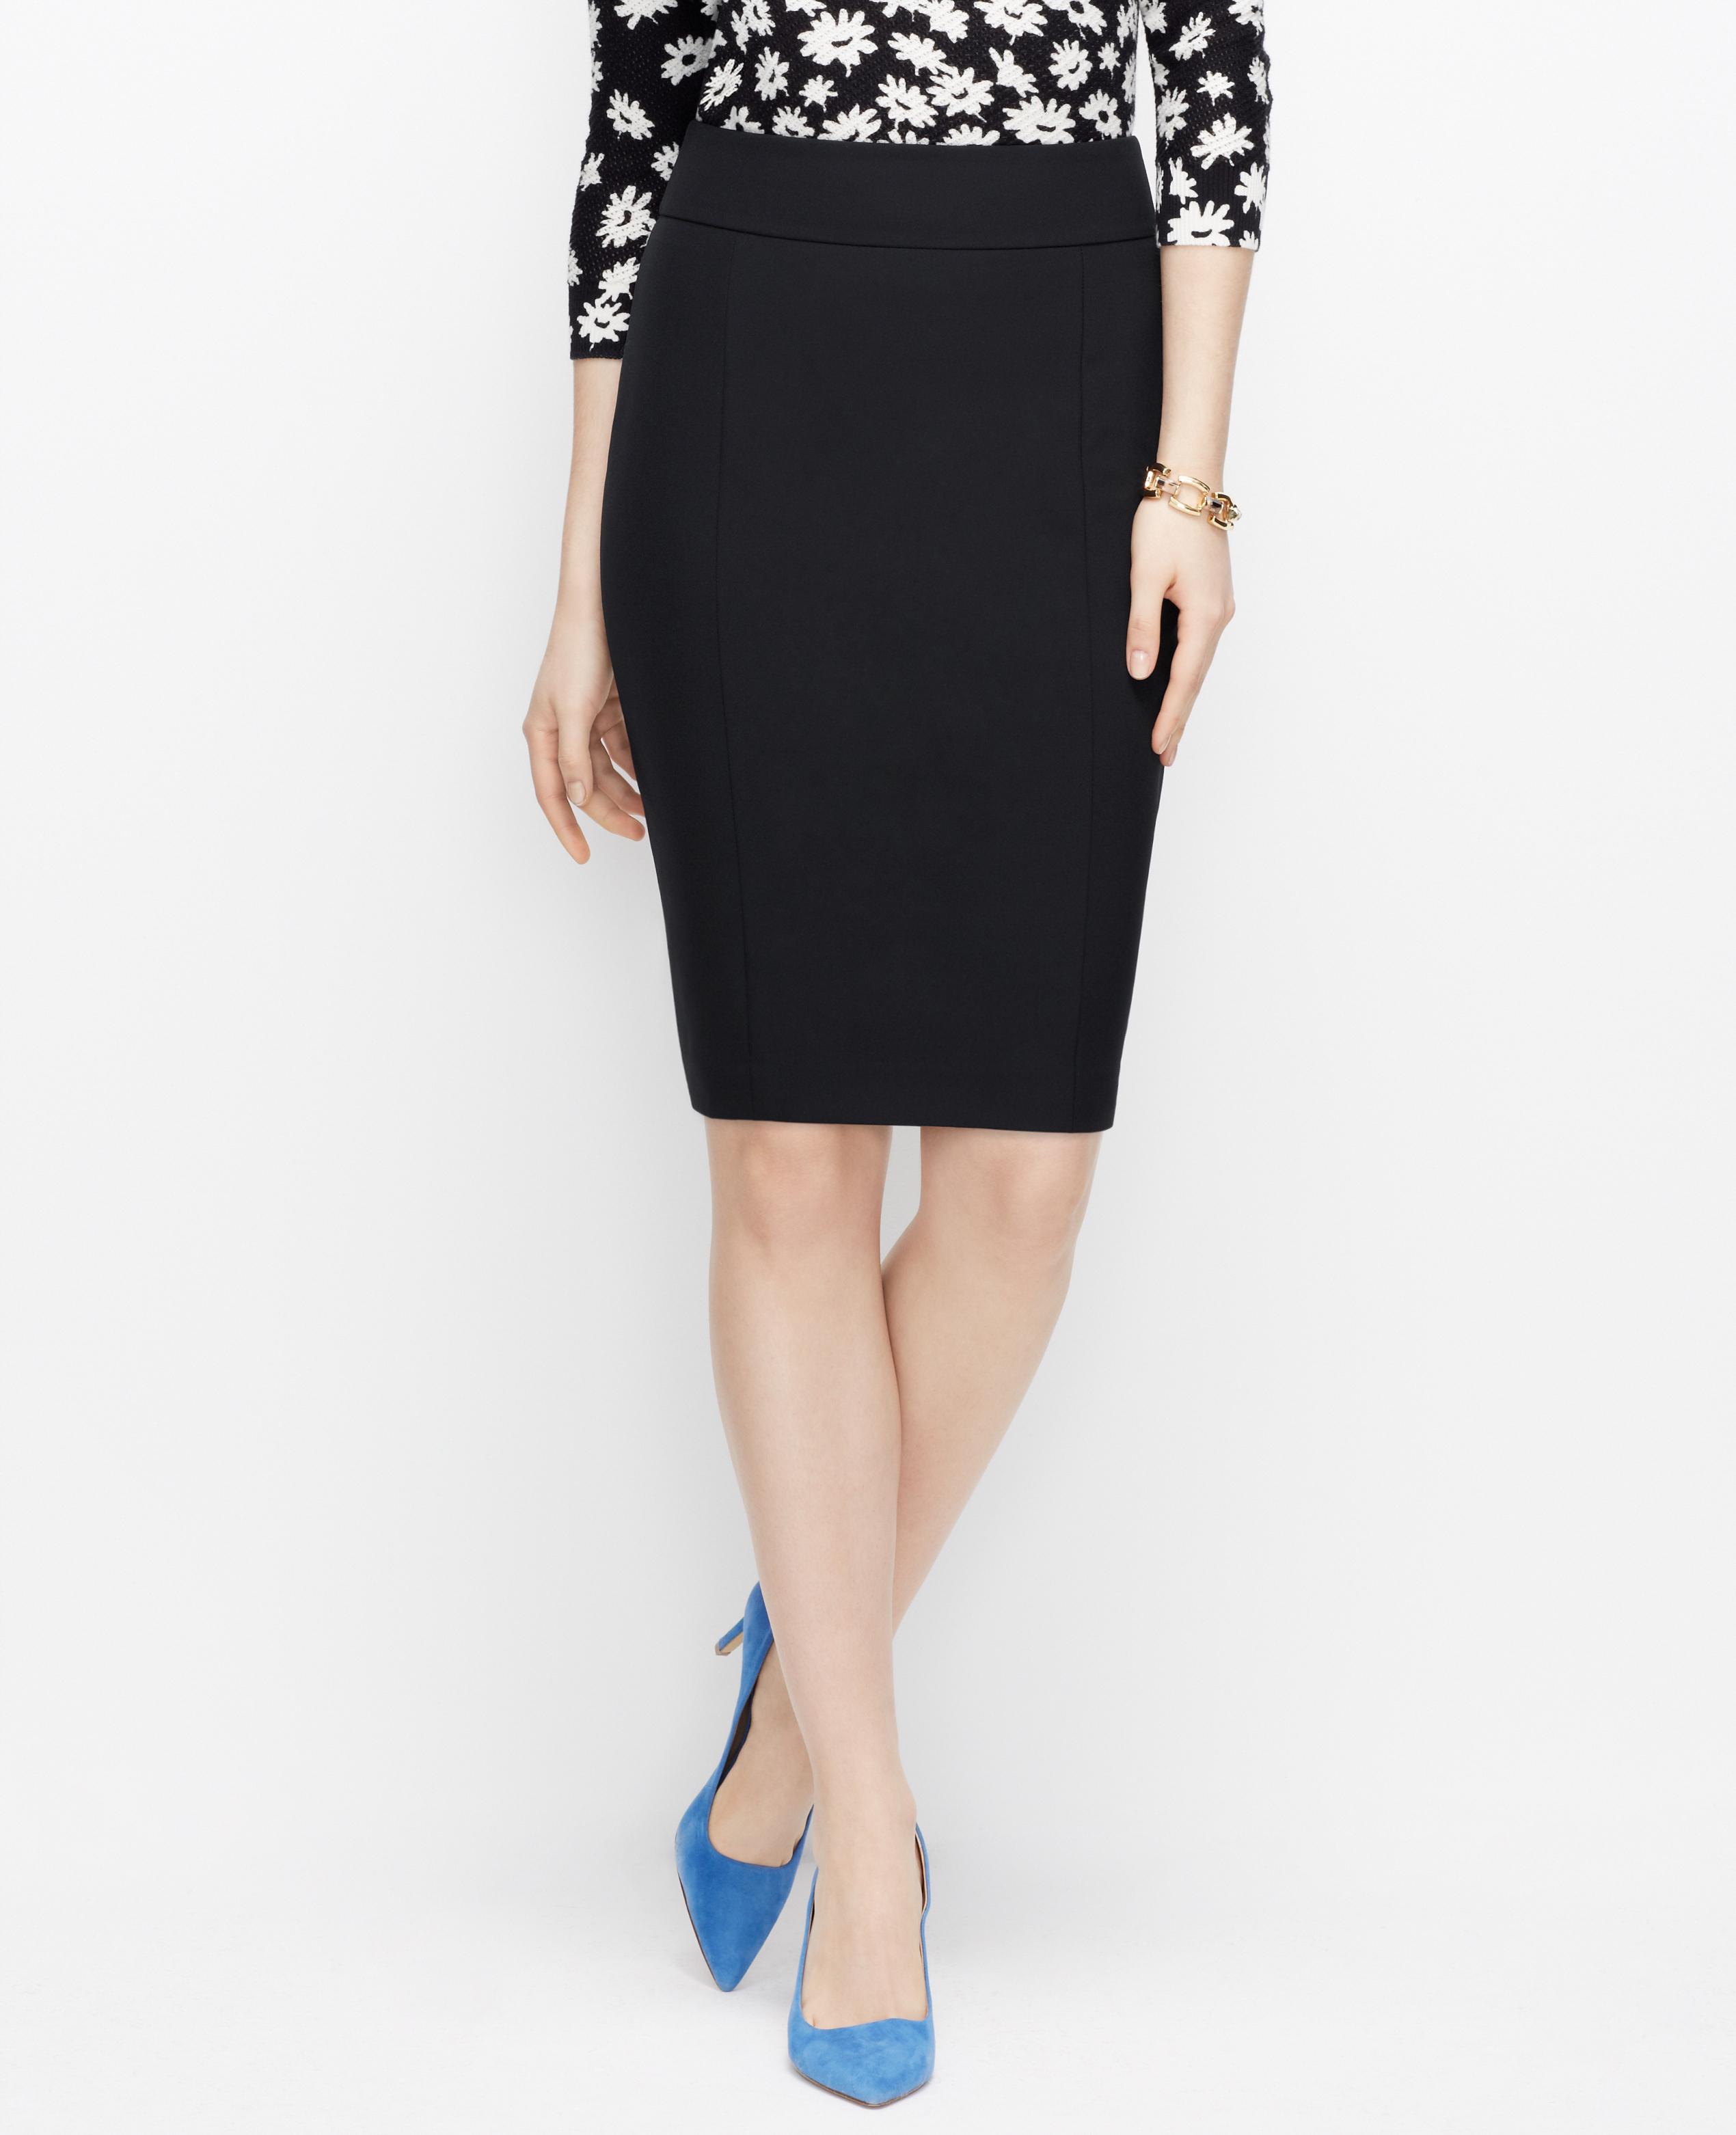 Ann taylor Curvy Sleek Stretch Pencil Skirt in Black   Lyst